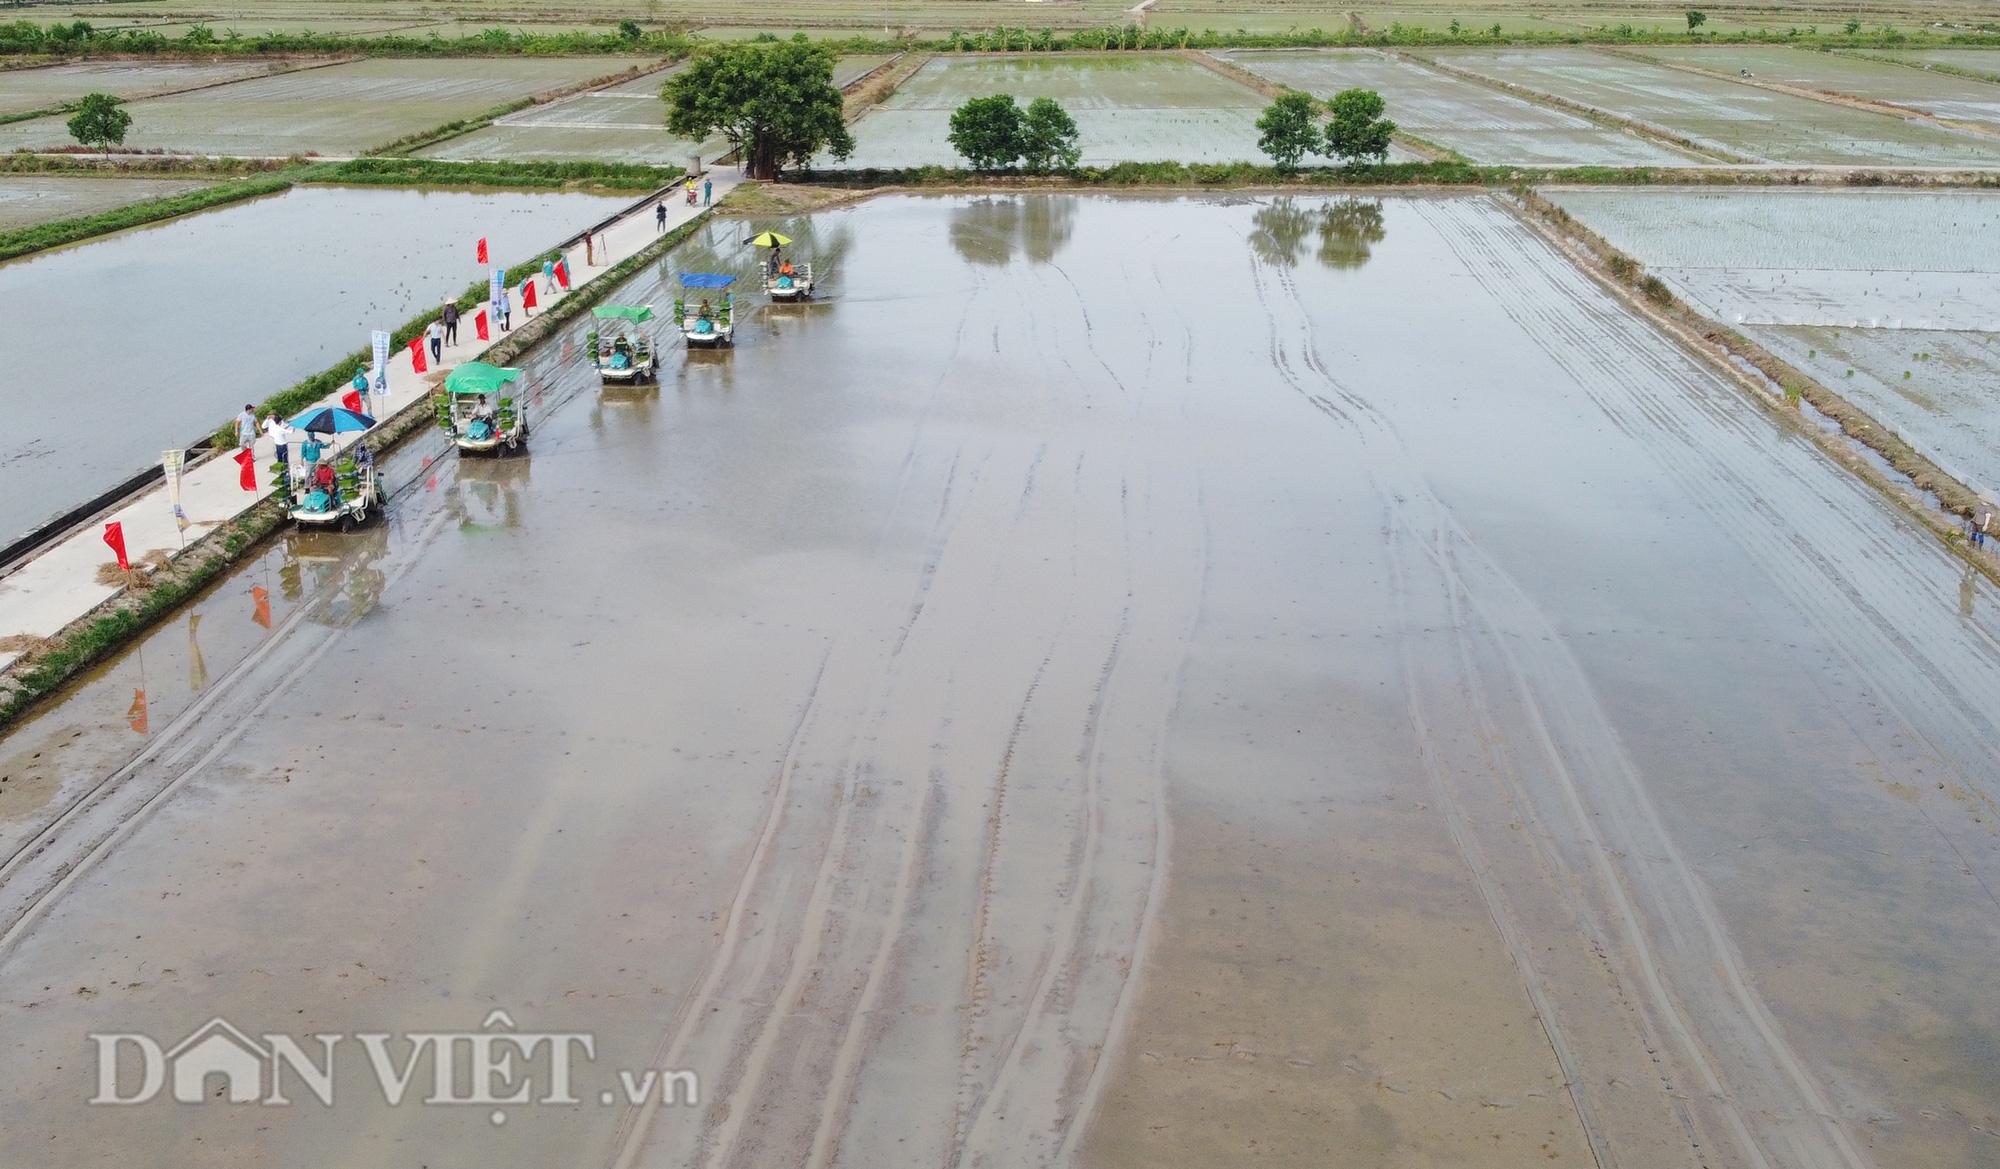 Hải Dương: Lần đầu tiên trình diễn máy cấy lúa trên đồng ruộng - Ảnh 13.